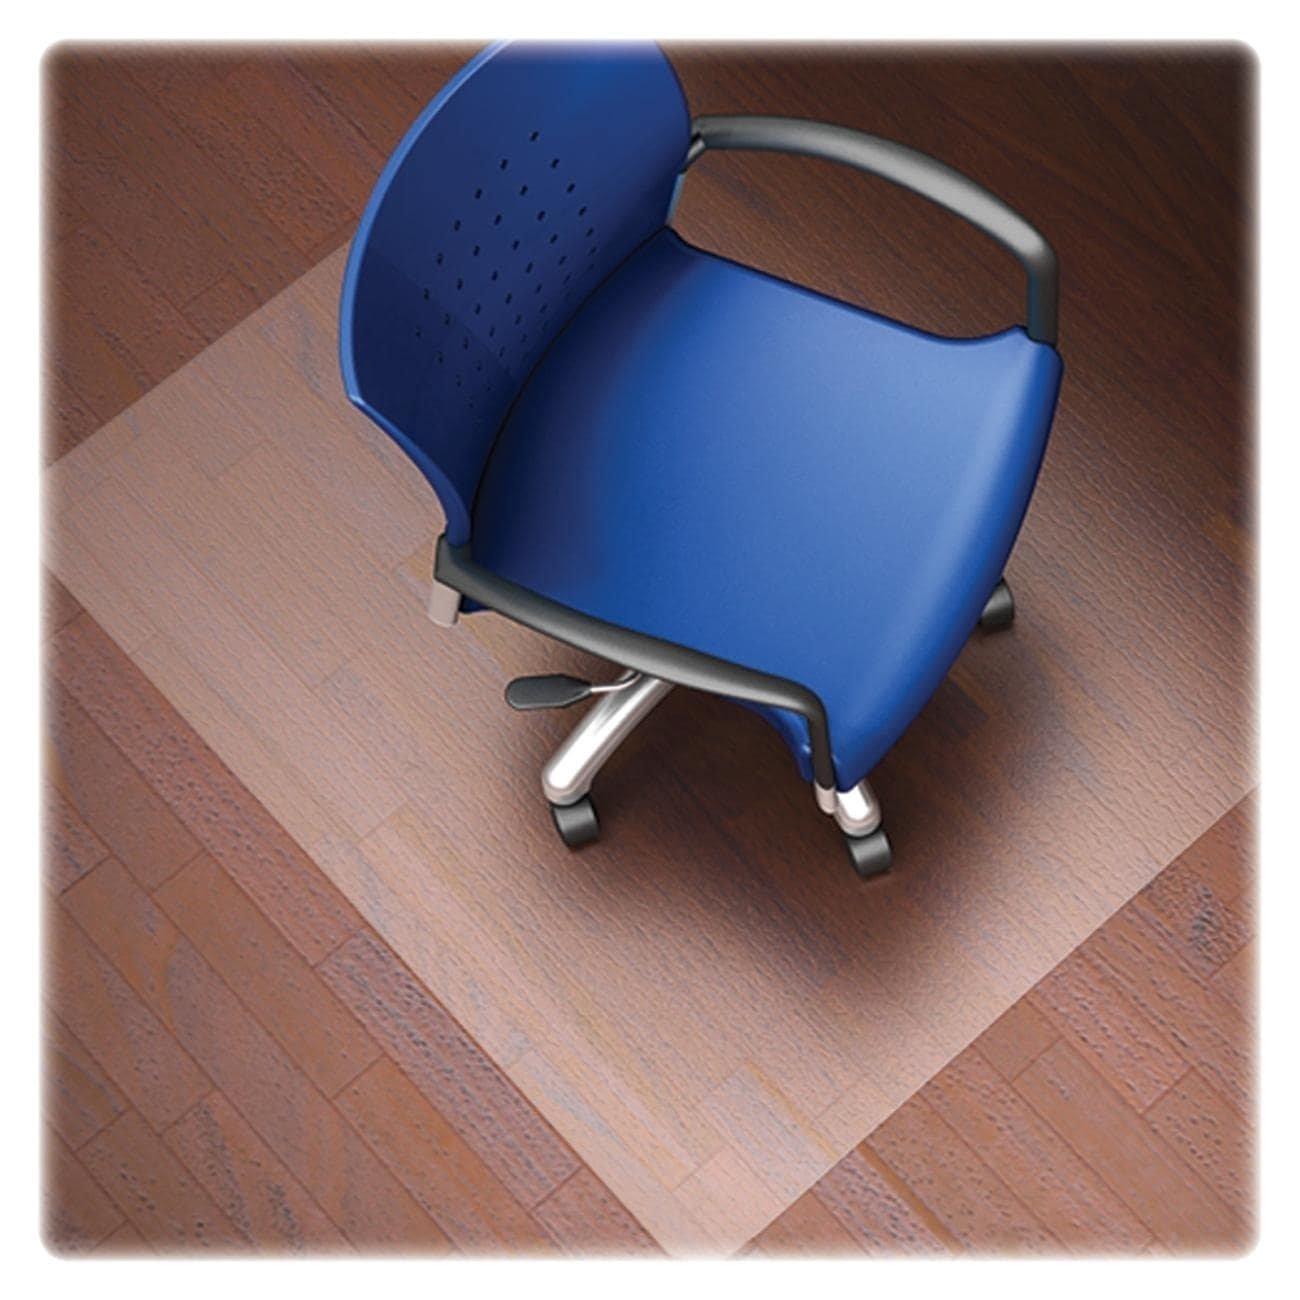 Lorell LLR82827 Nonstudded Design Hardwood Surface Chair Mat, 60x46 Inch